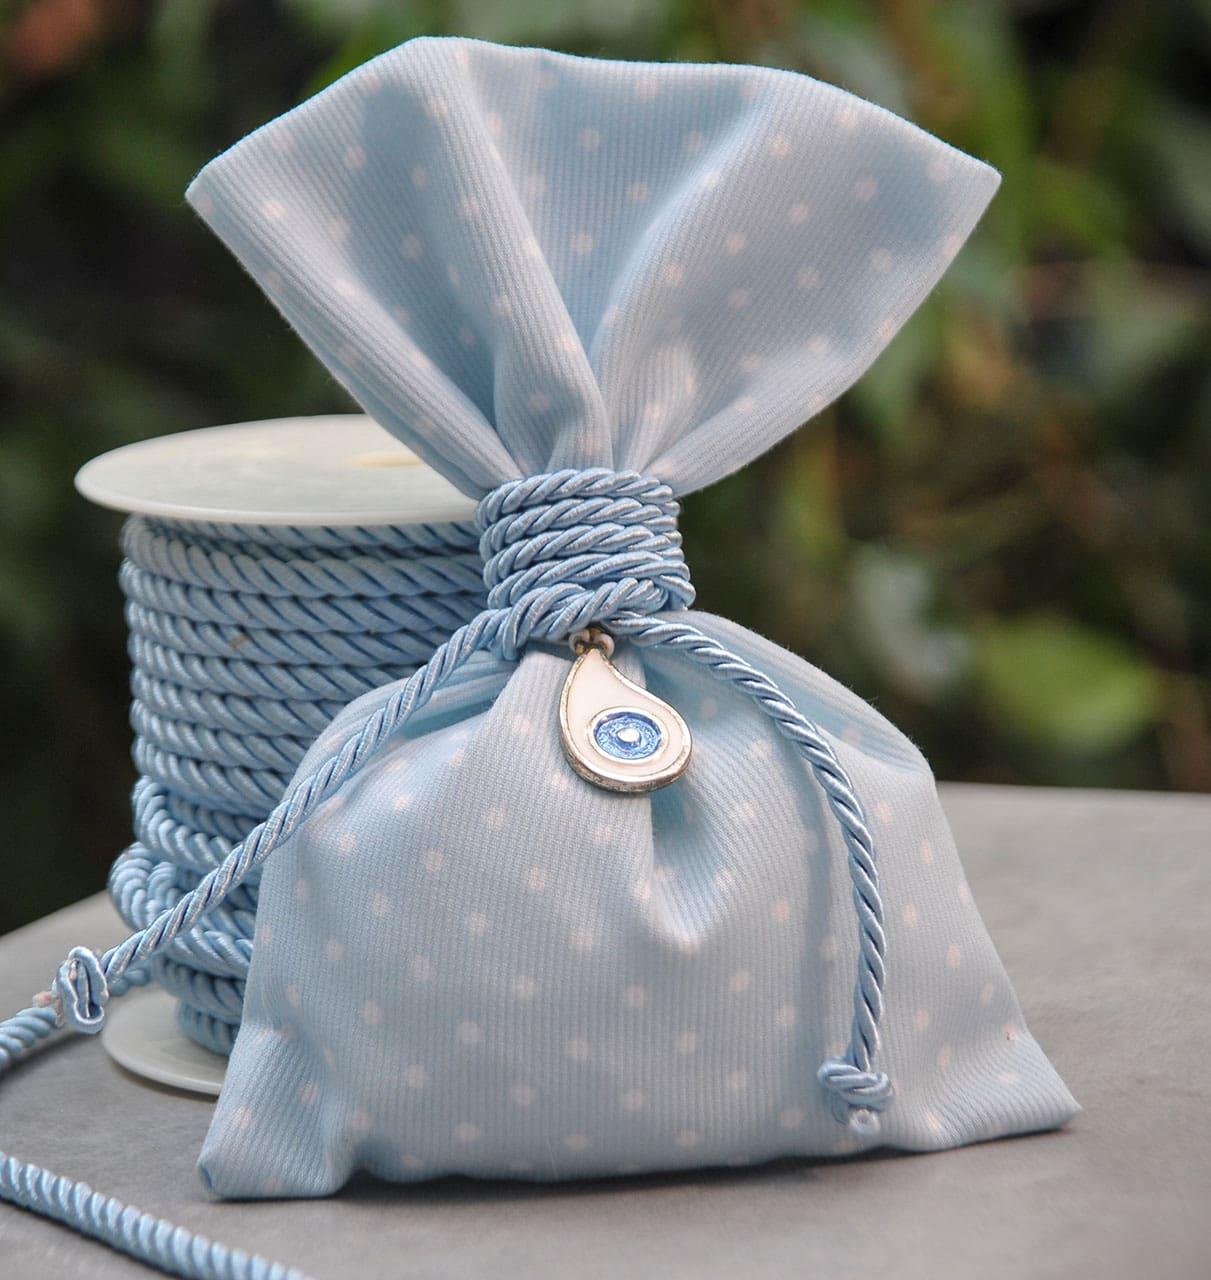 Μπομπονιέρα γαλάζιο με λευκό πουά πουγκί με αντικείμενο ματάκι